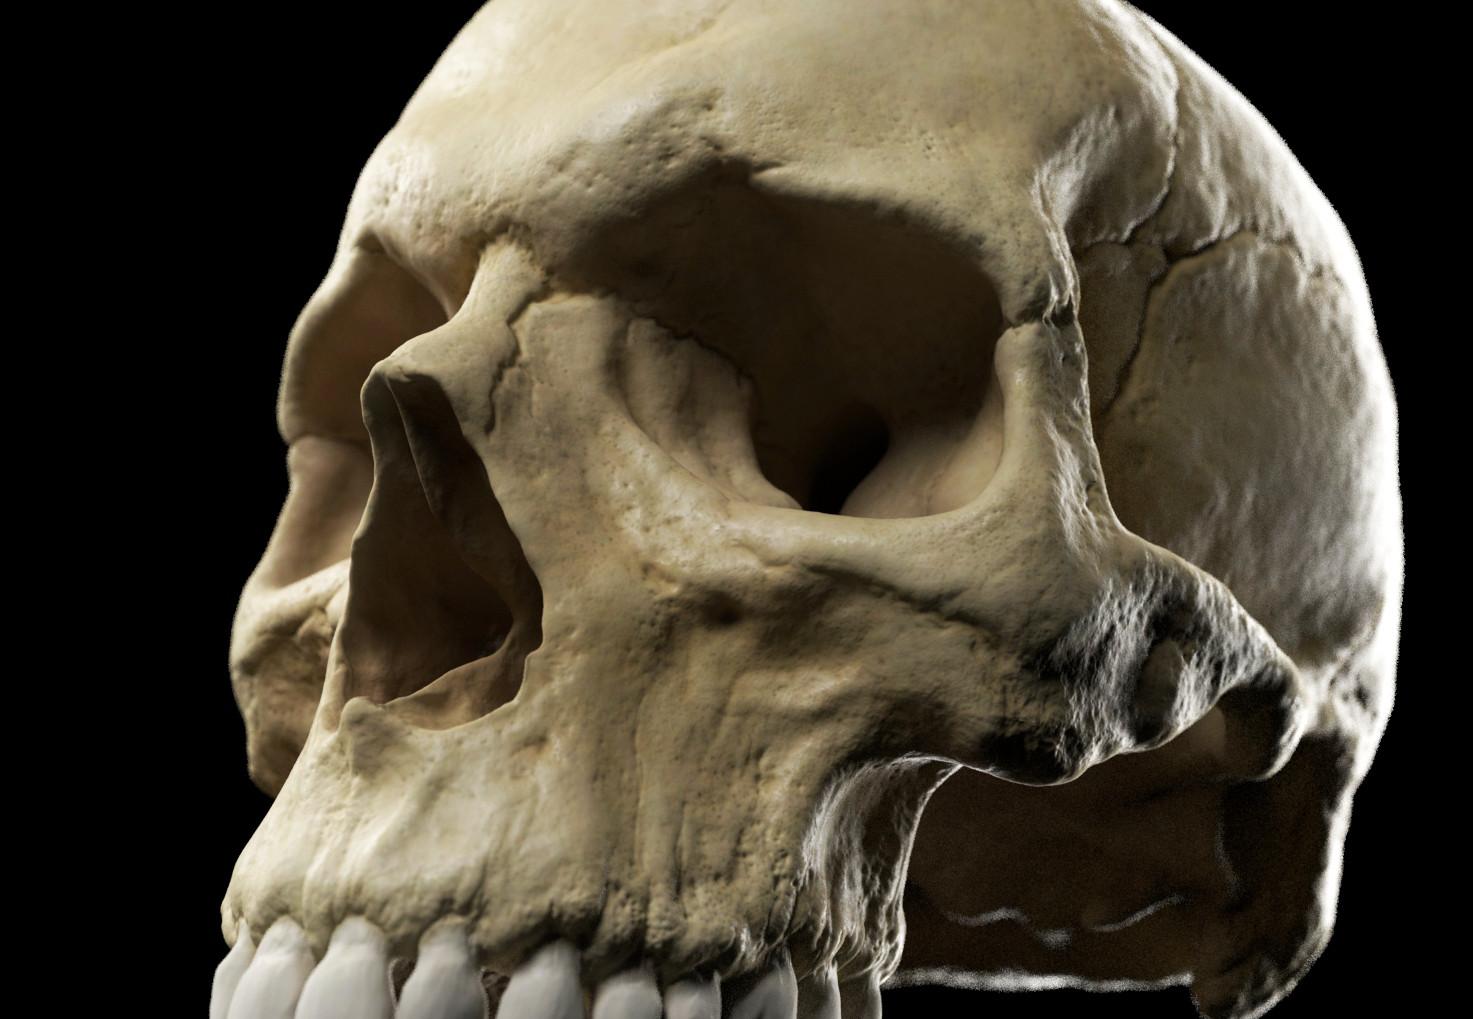 Andrey gritsuk skull detail er